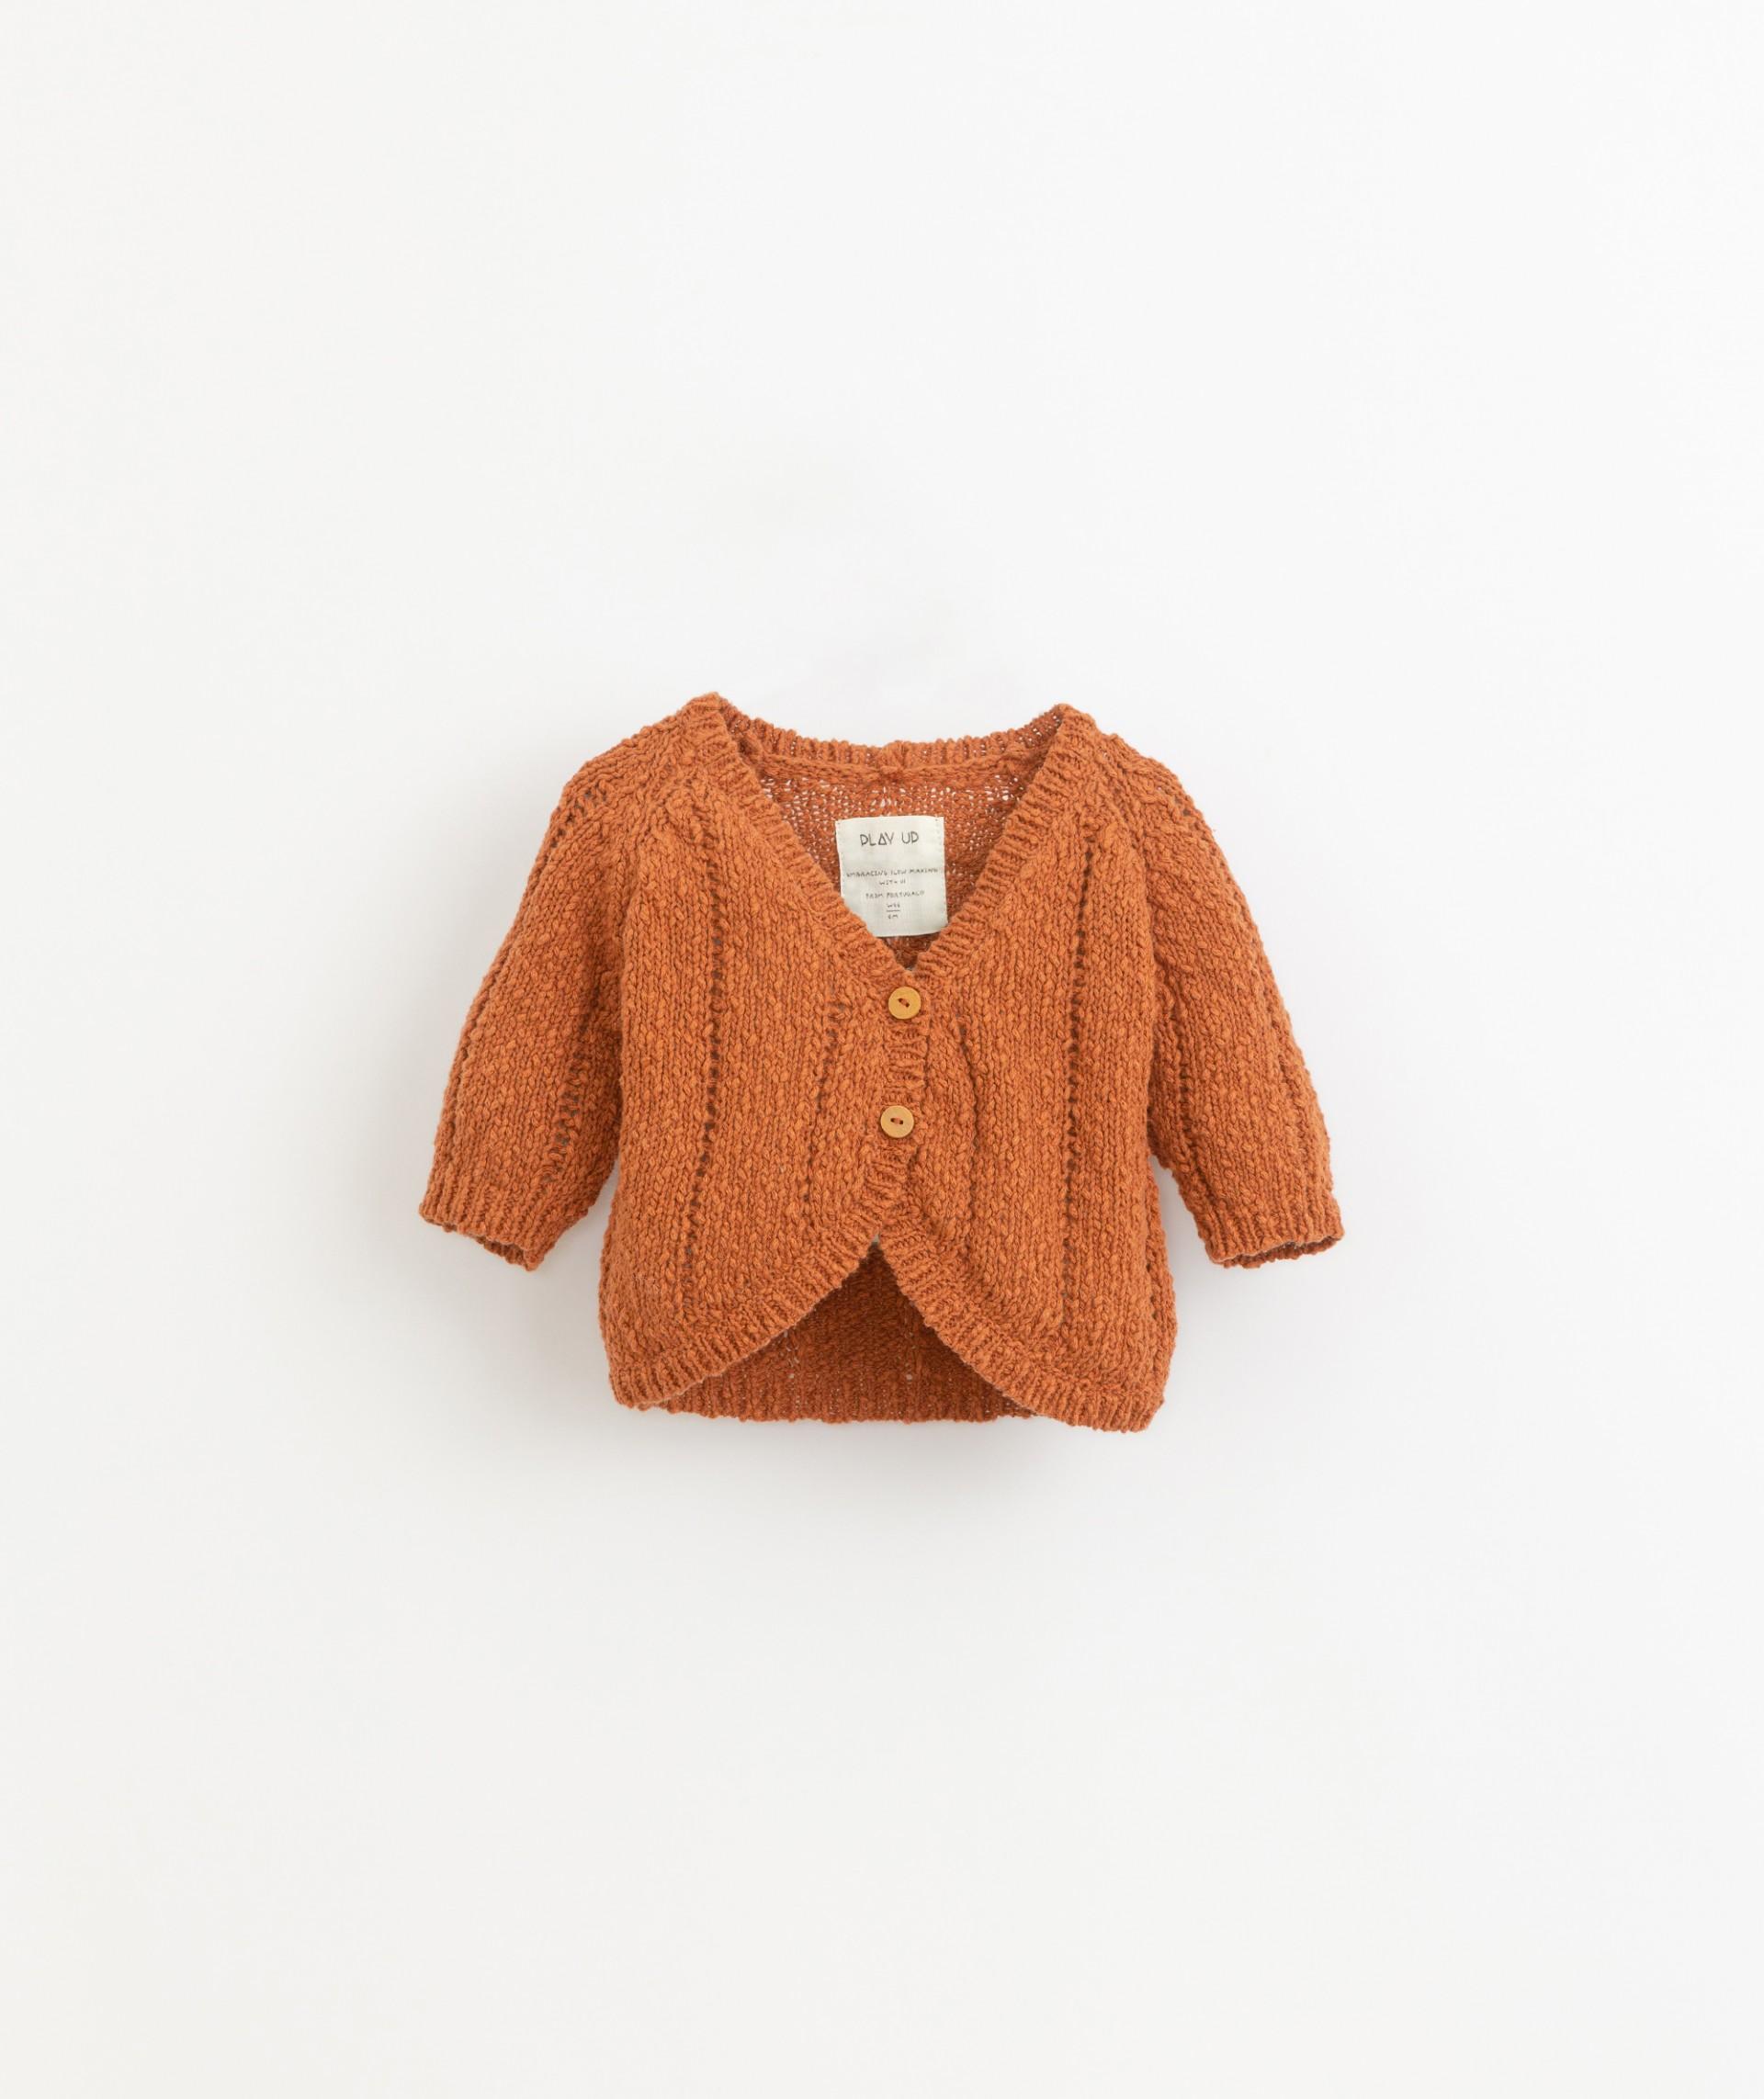 Casaco tricot em algodão e linho | Botany